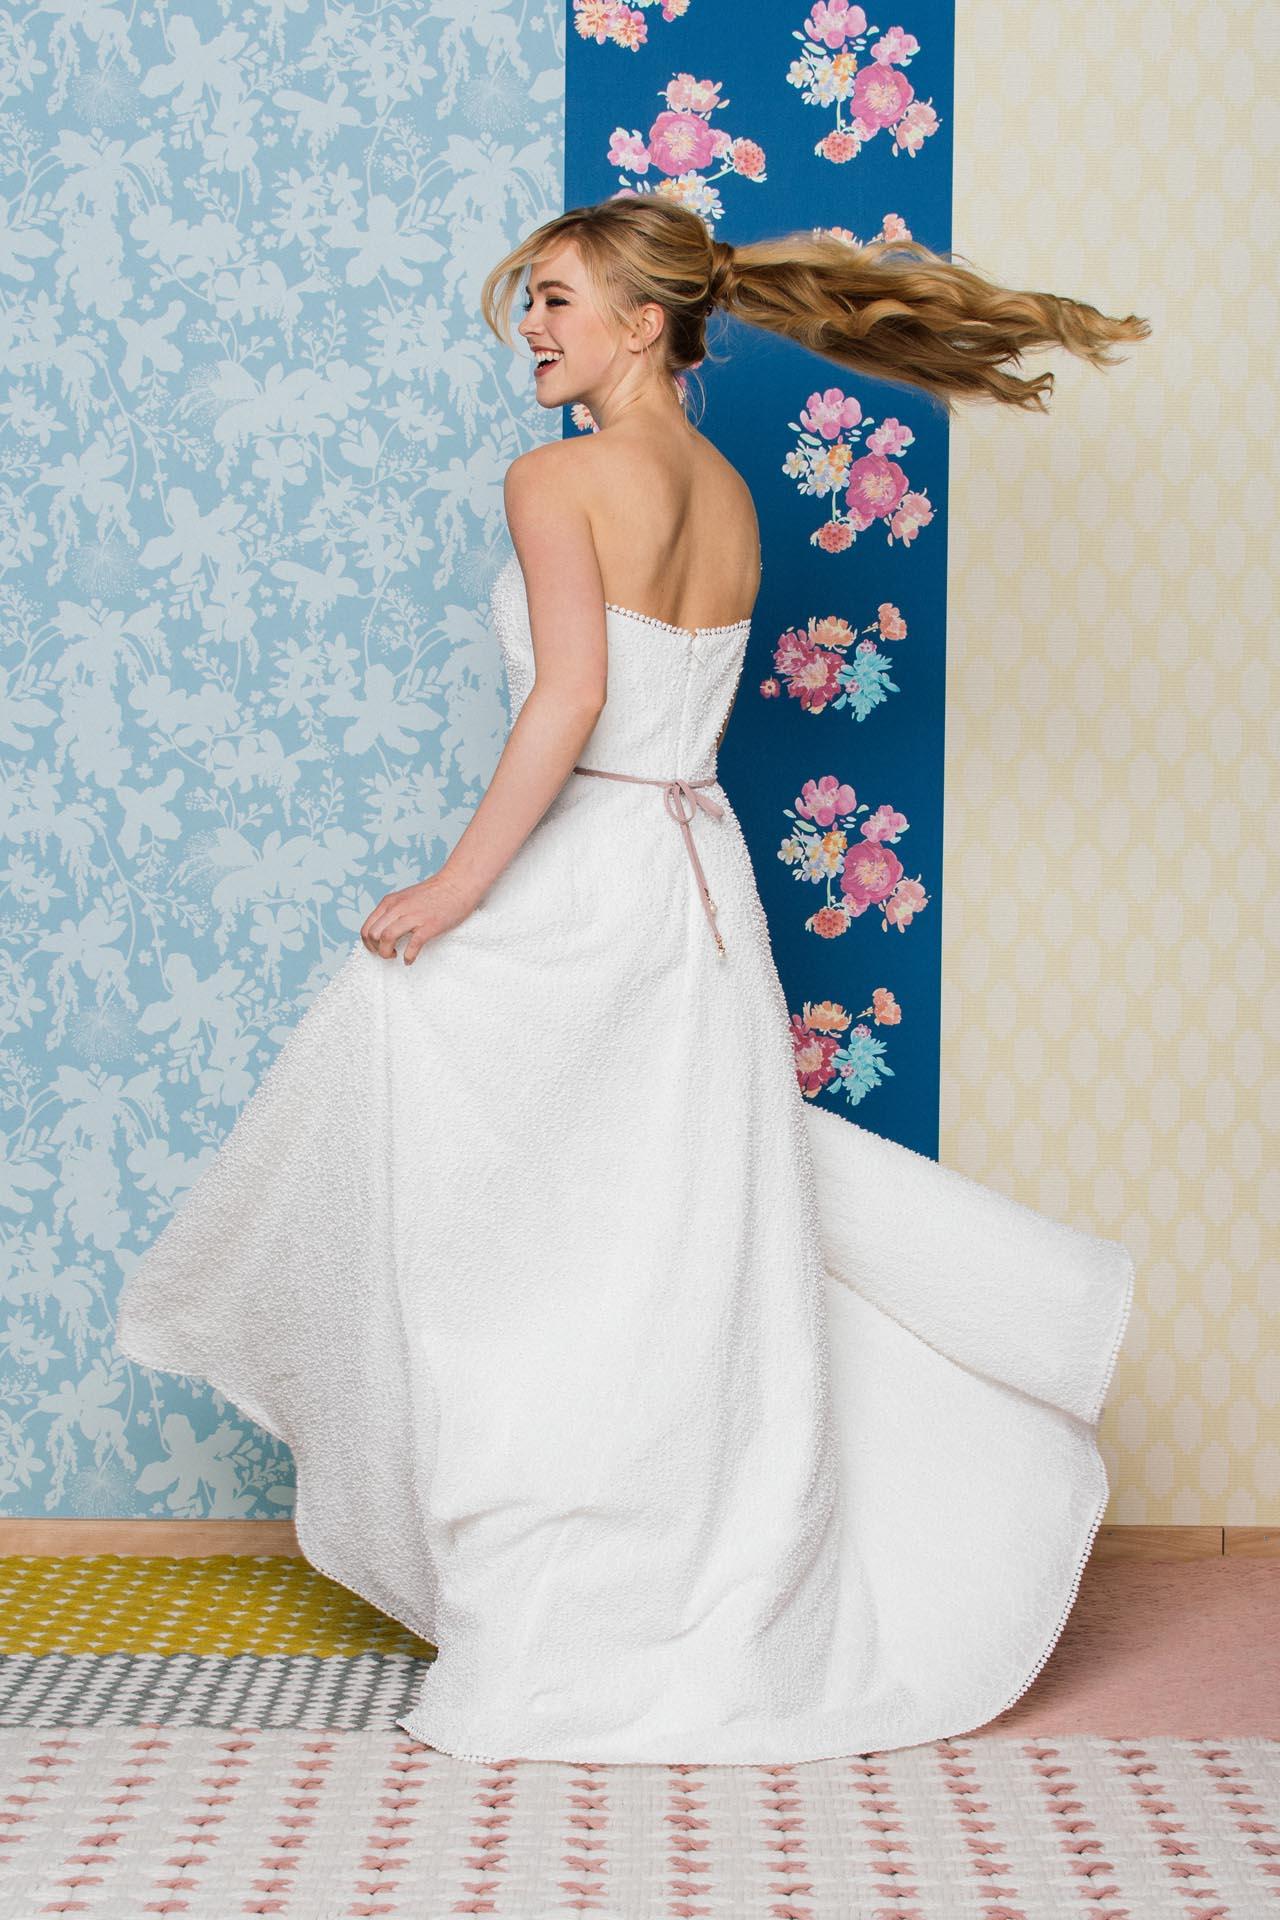 Trägerloses Hochzeitskleid mit besonderer Kügelchenspitze